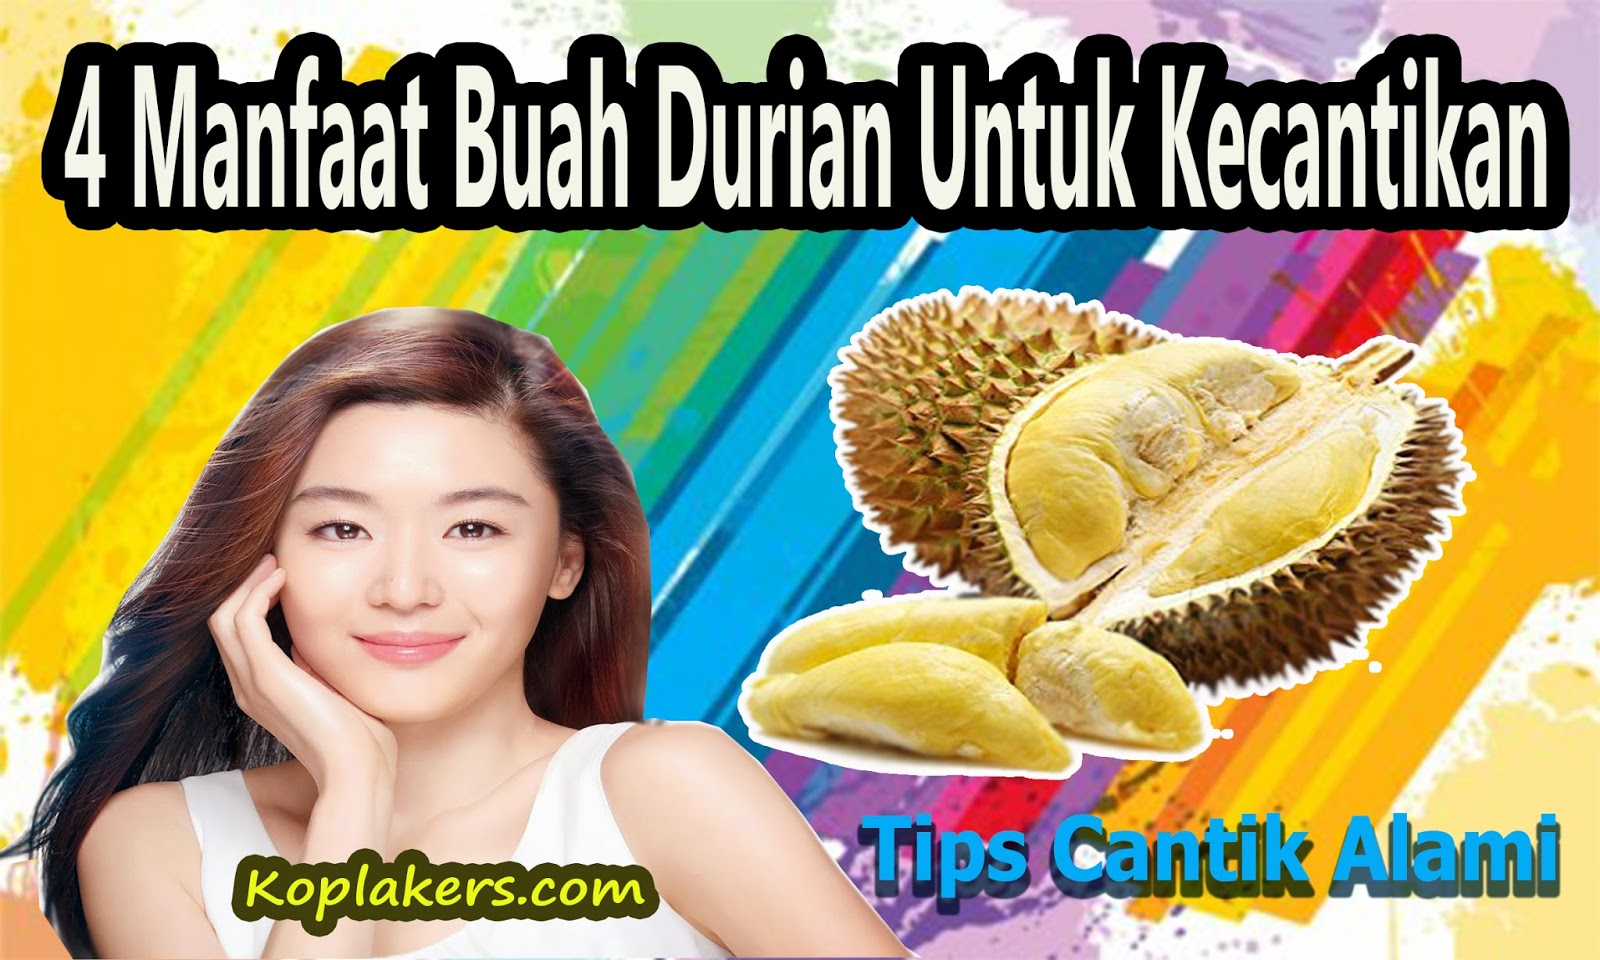 Manfaat buah durian bagi kecantikan dan kesehatan kulit terbaru